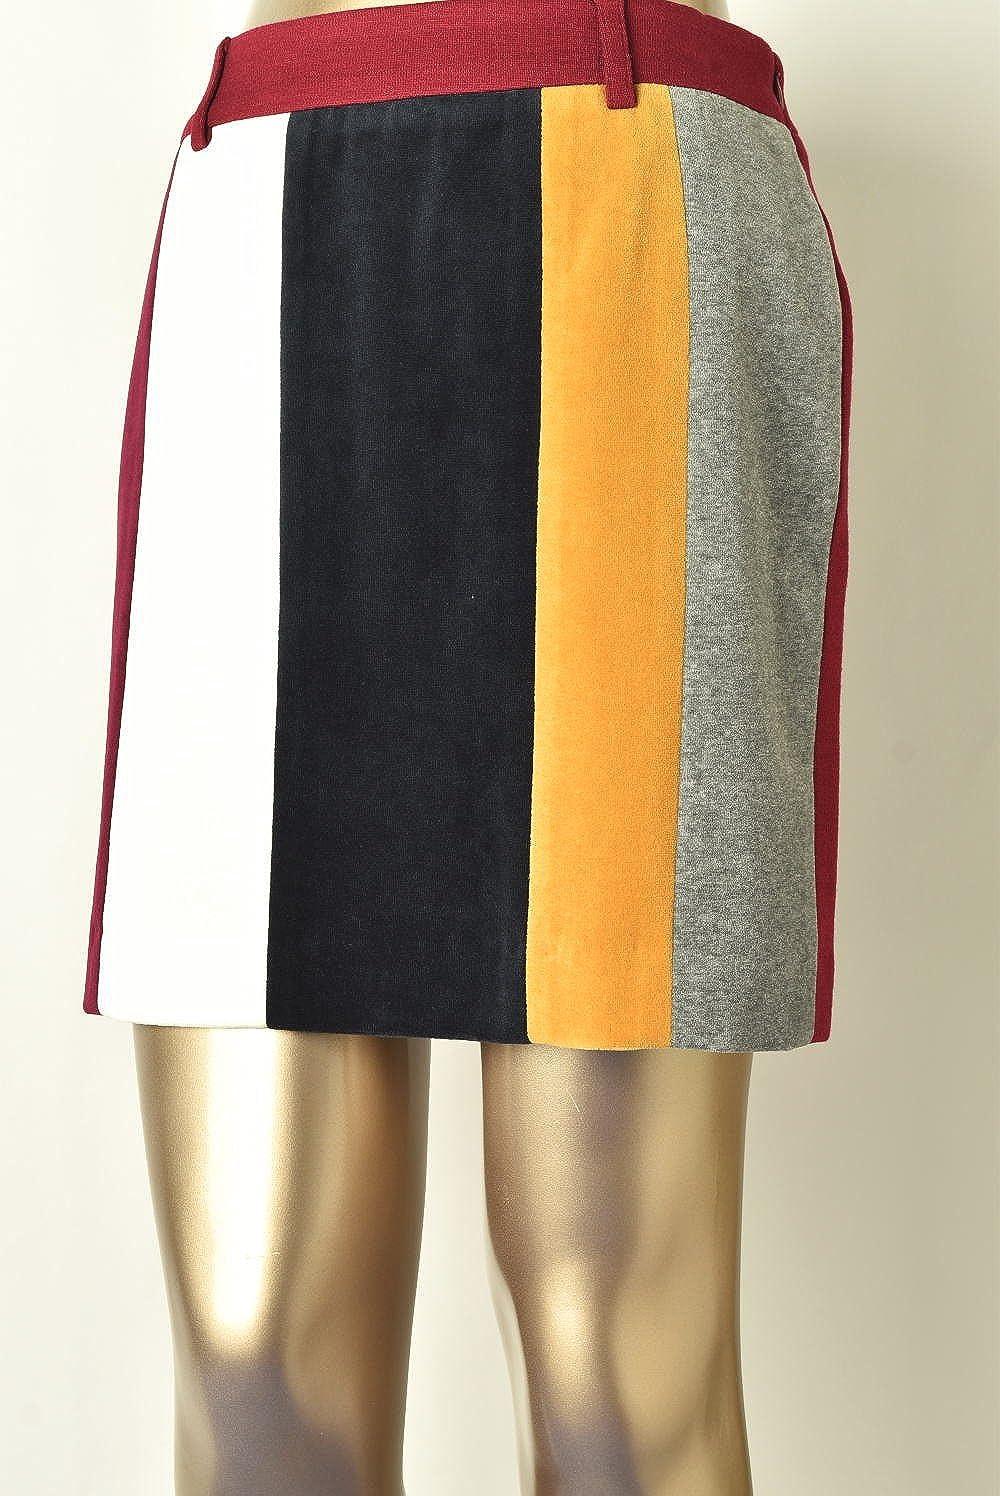 (アルチビオ) archivio 異素材使いスカート レディース ゴルフ a716818 40 ワインレッド(121) B07DGD3WCW